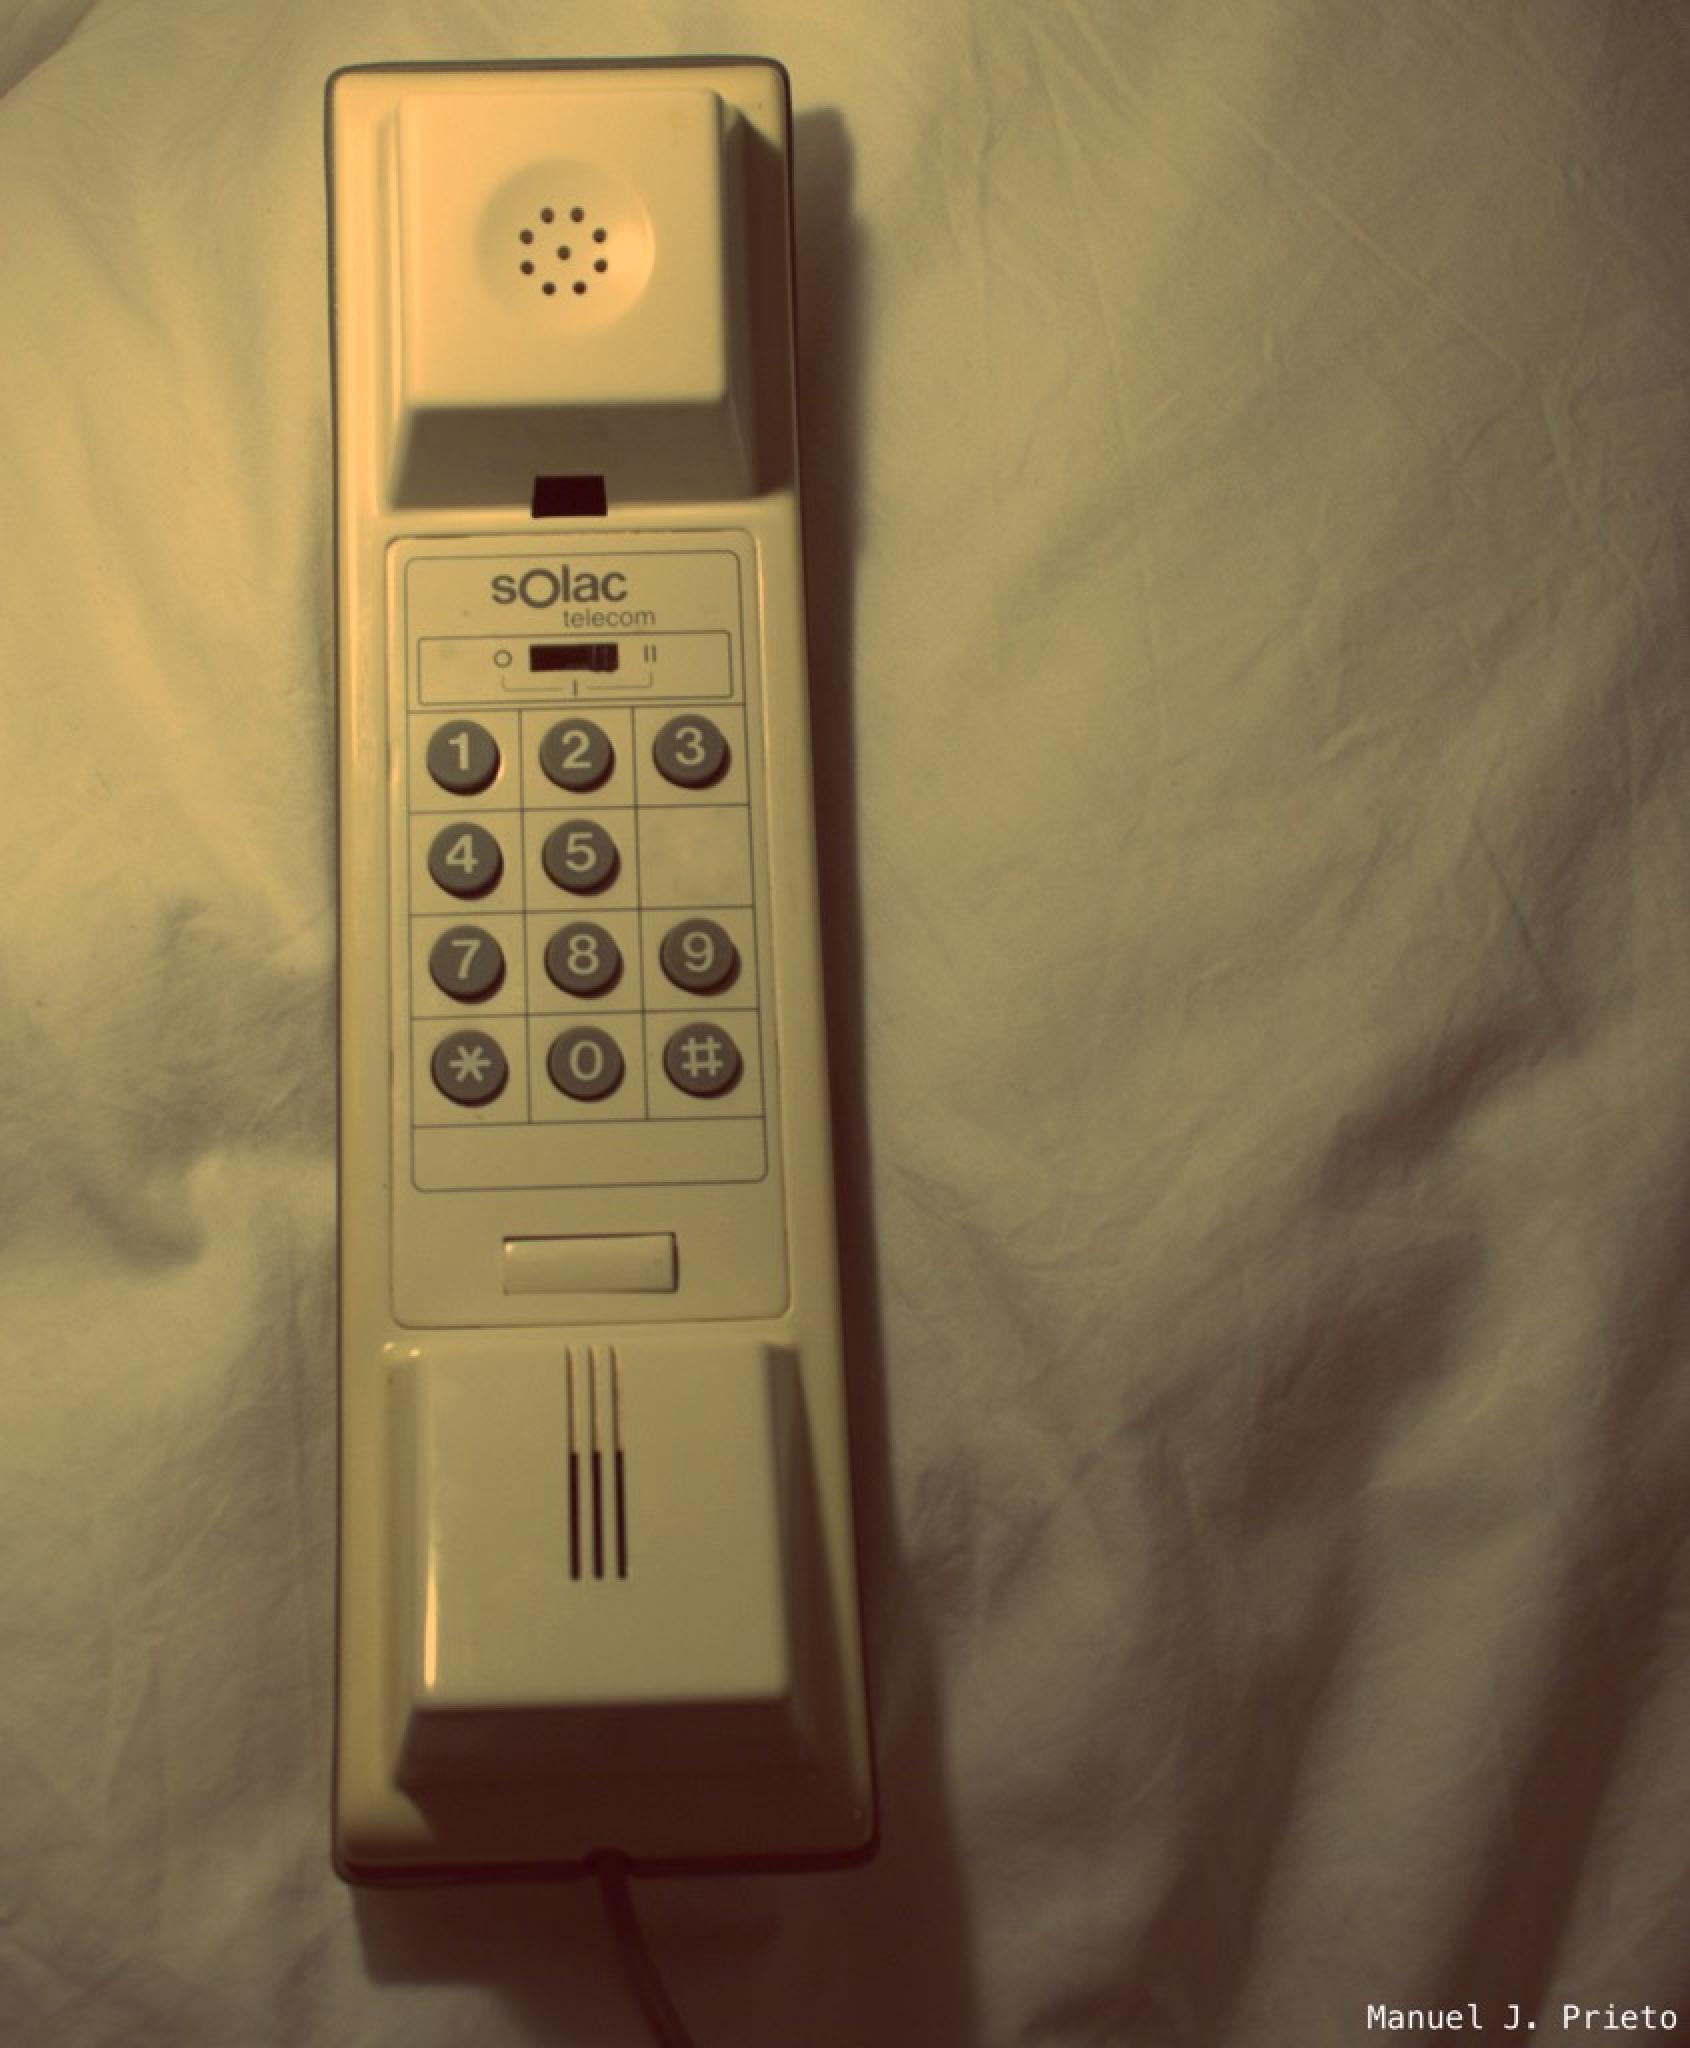 De cuando estaba prohibido llamar móviles by Manuel J. Prieto